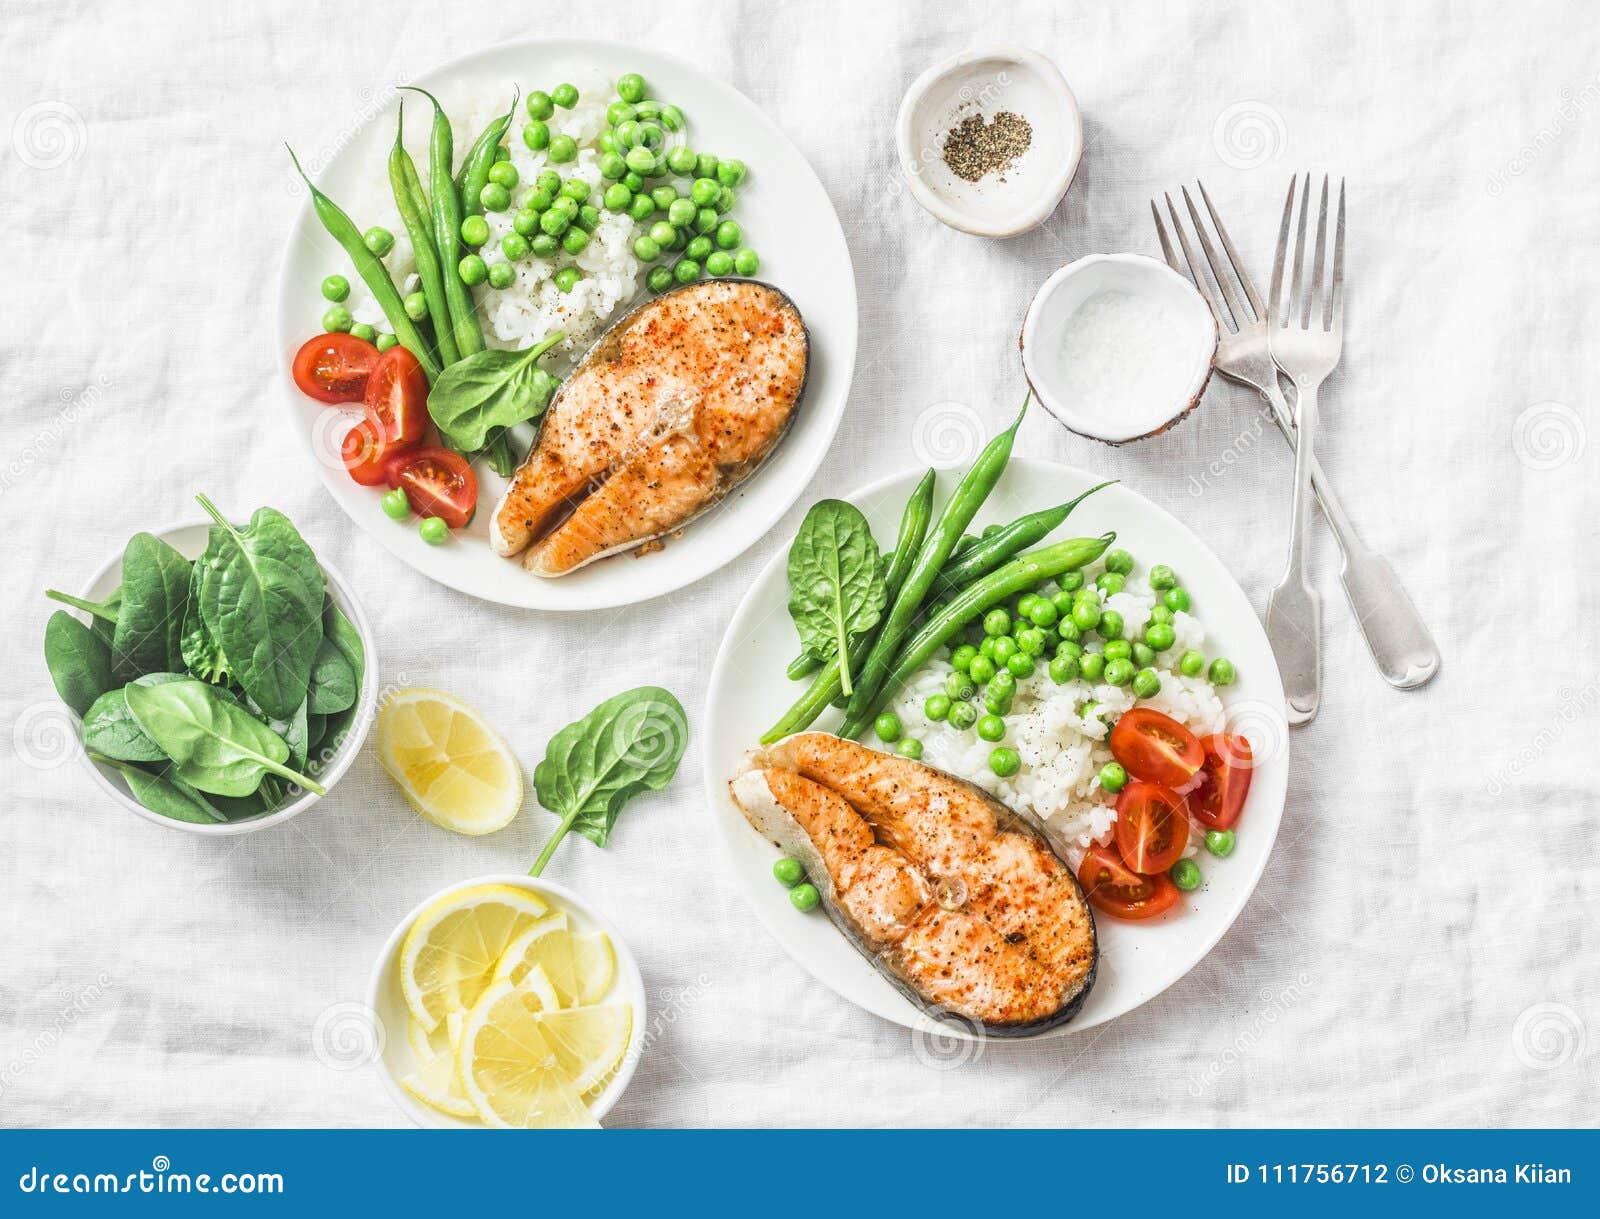 Pranzo mediterraneo equilibrato sano di dieta - salmone al forno, riso, piselli e fagiolini su un fondo leggero, vista superiore